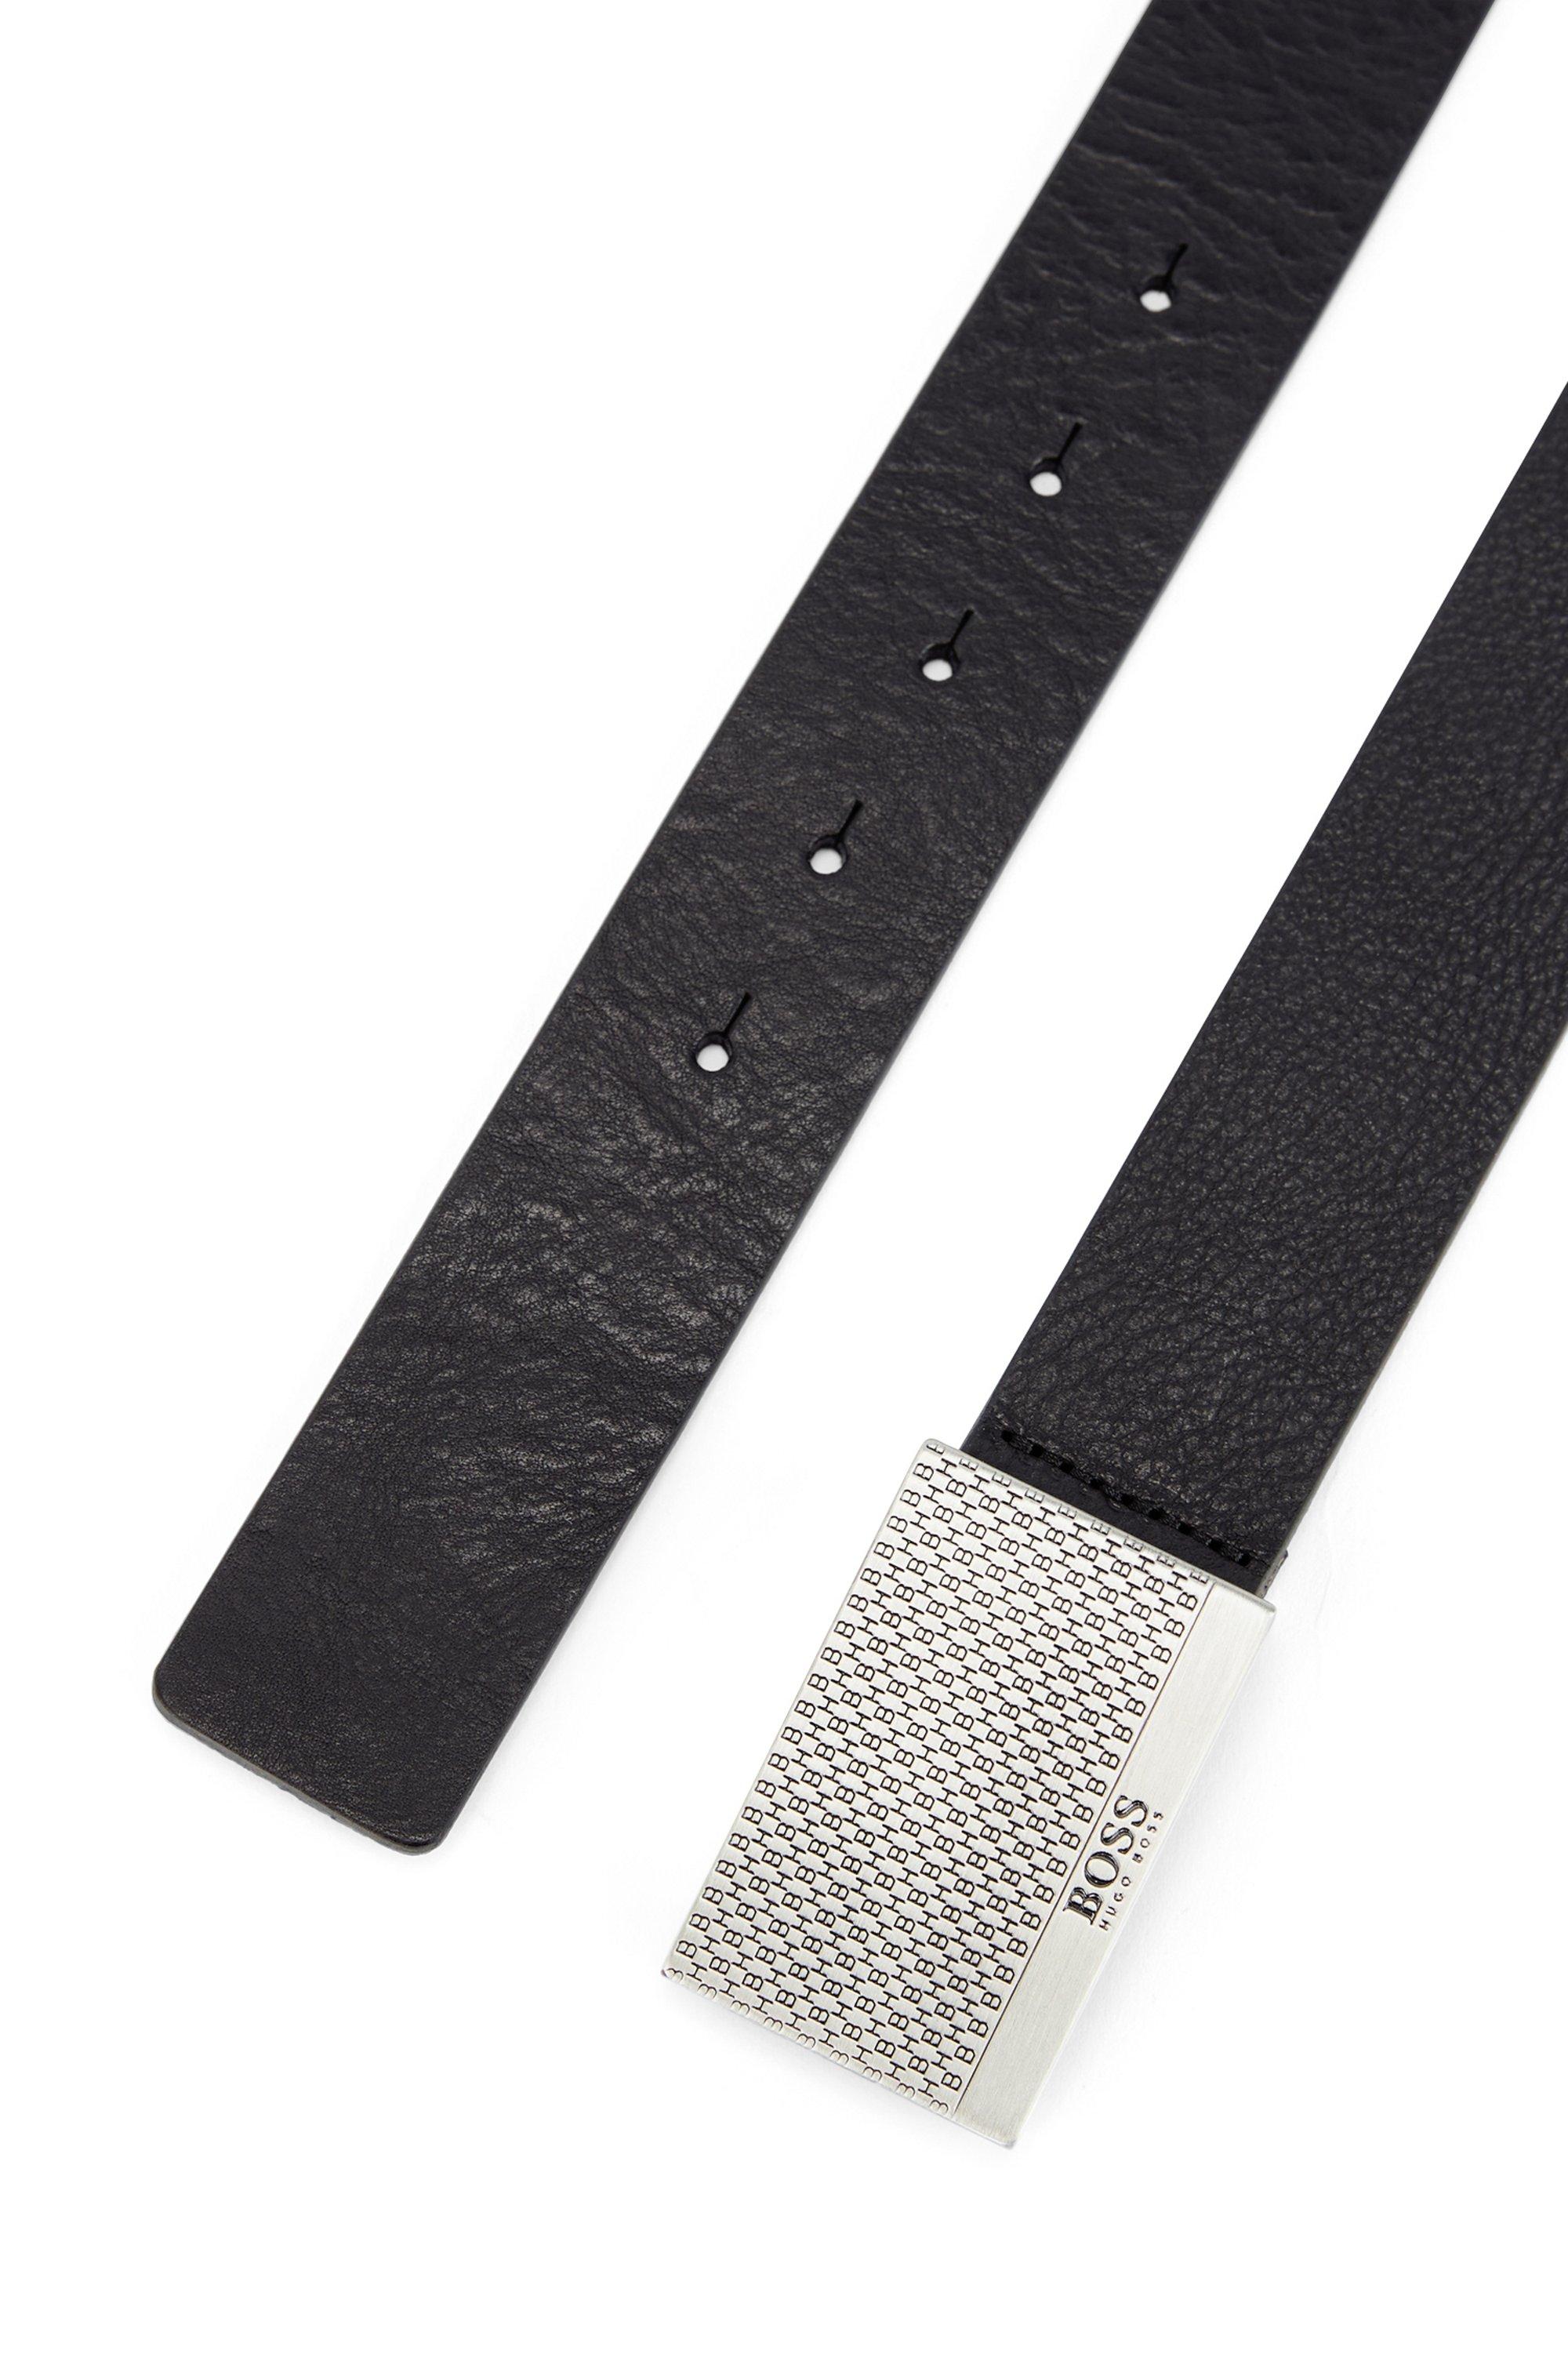 Gegerbter Ledergürtel mit Monogramm-Prägung auf der Koppelschließe